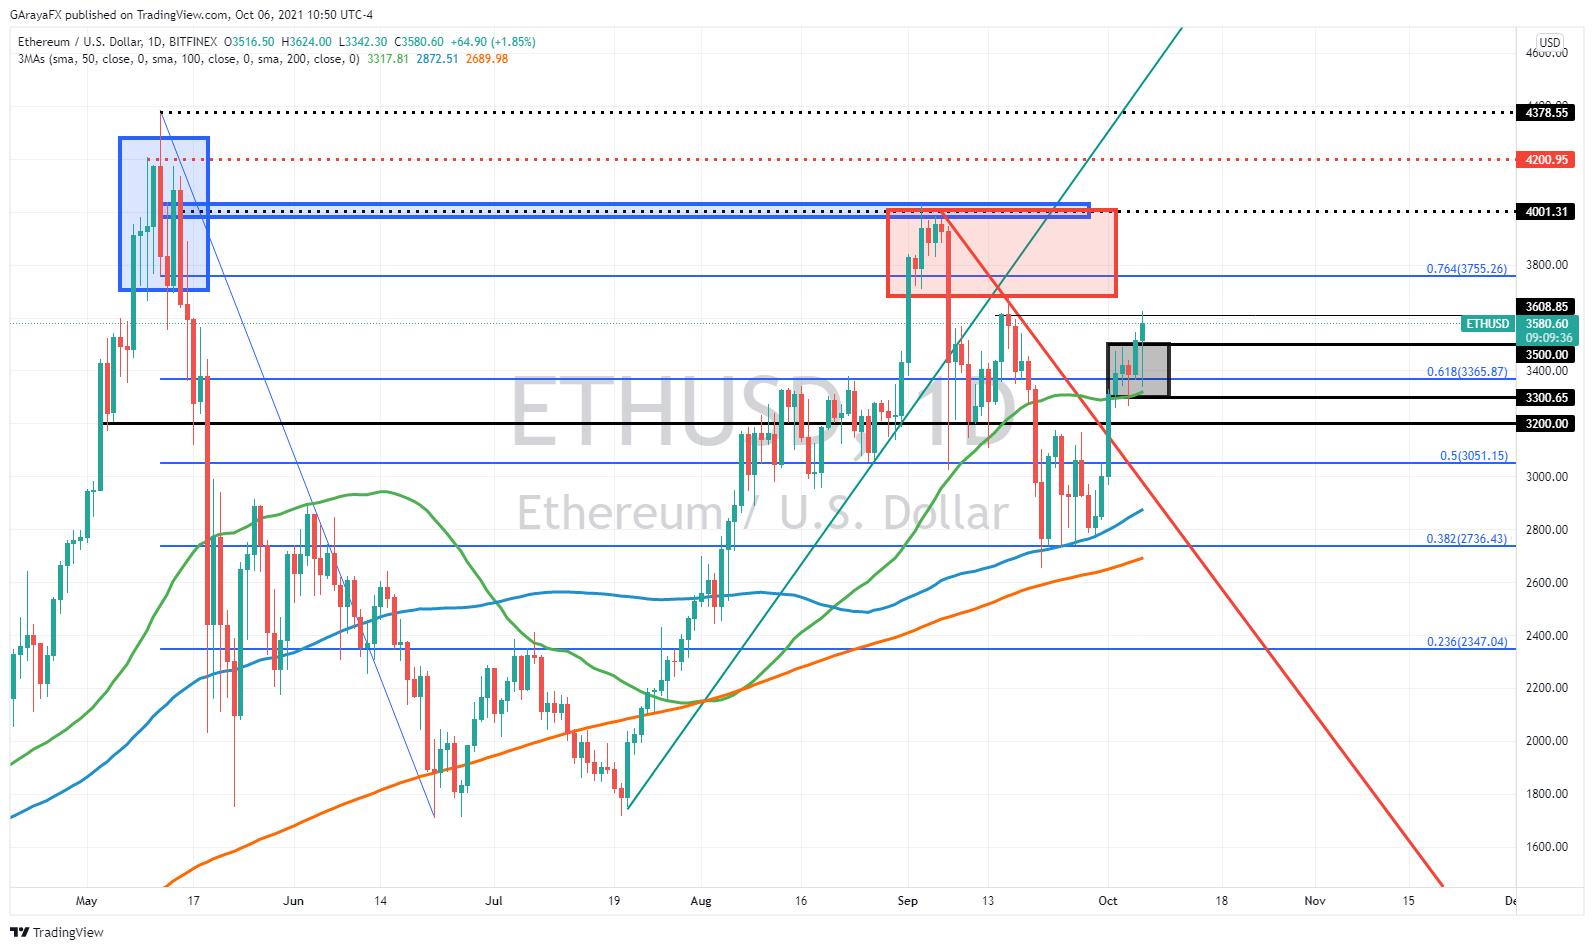 Gráfico Diario de Ethereum (ETH/USD) - 06.10.21